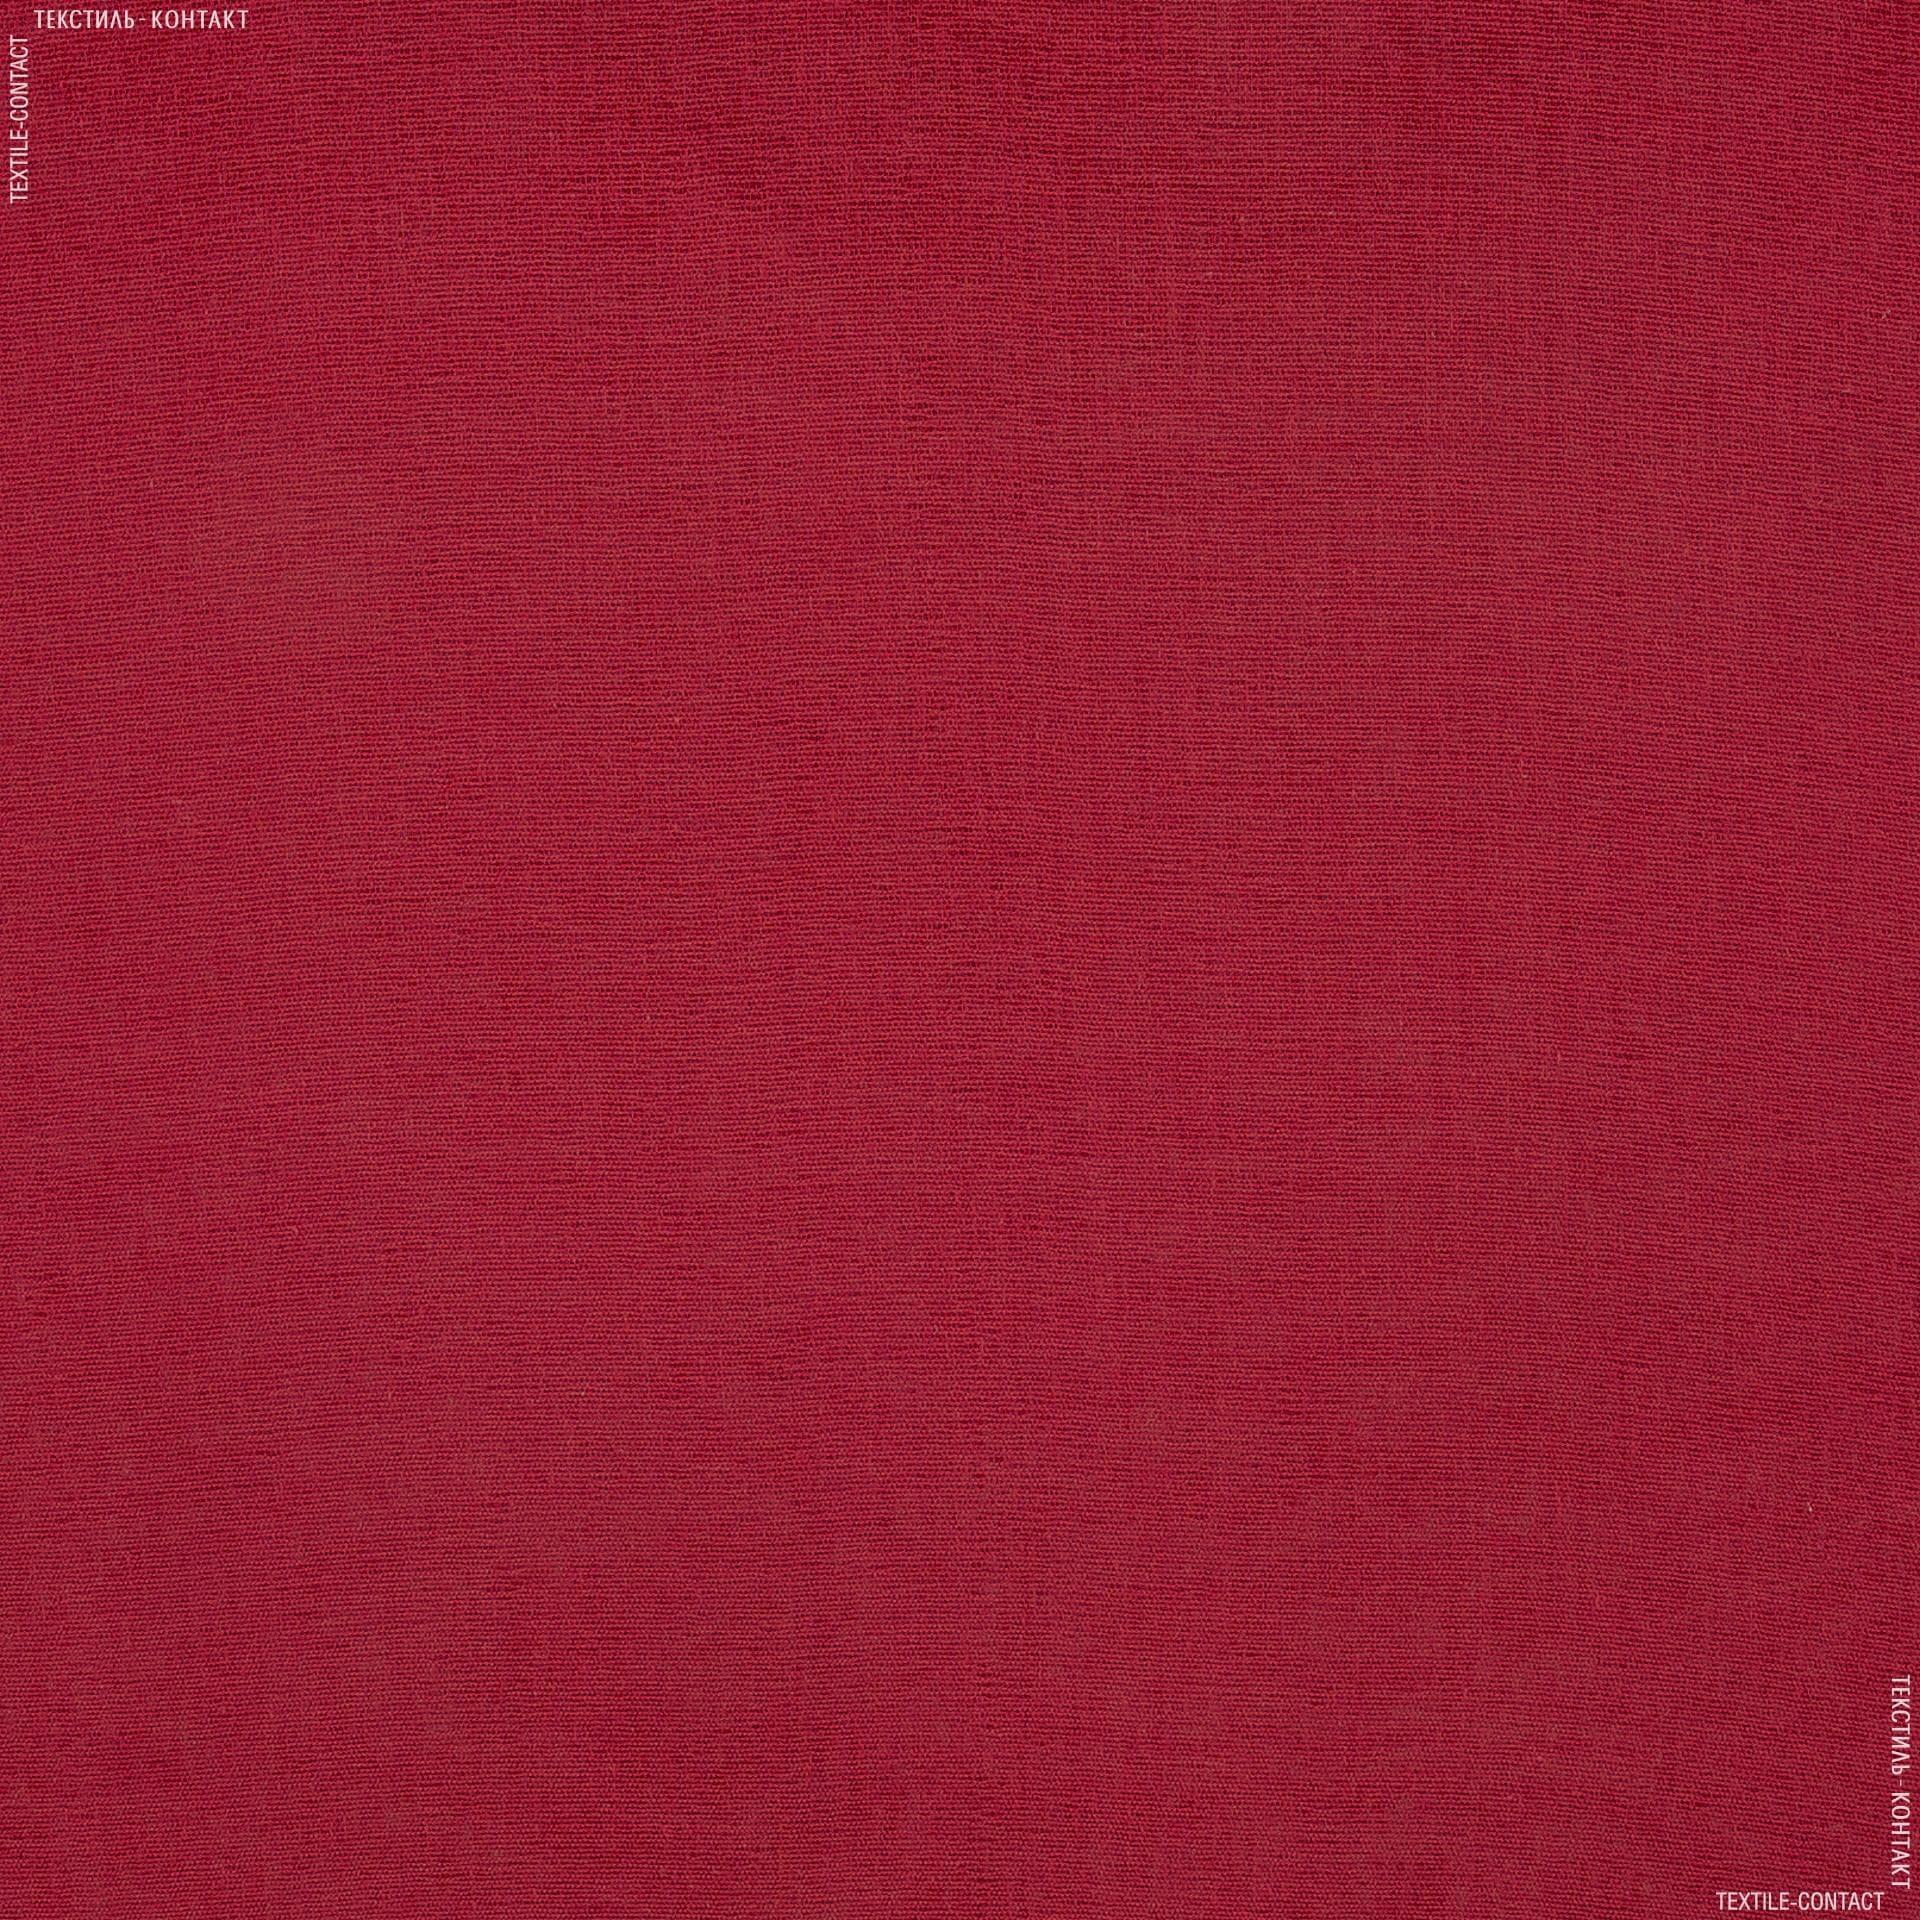 Ткани для детской одежды - Ситец красный